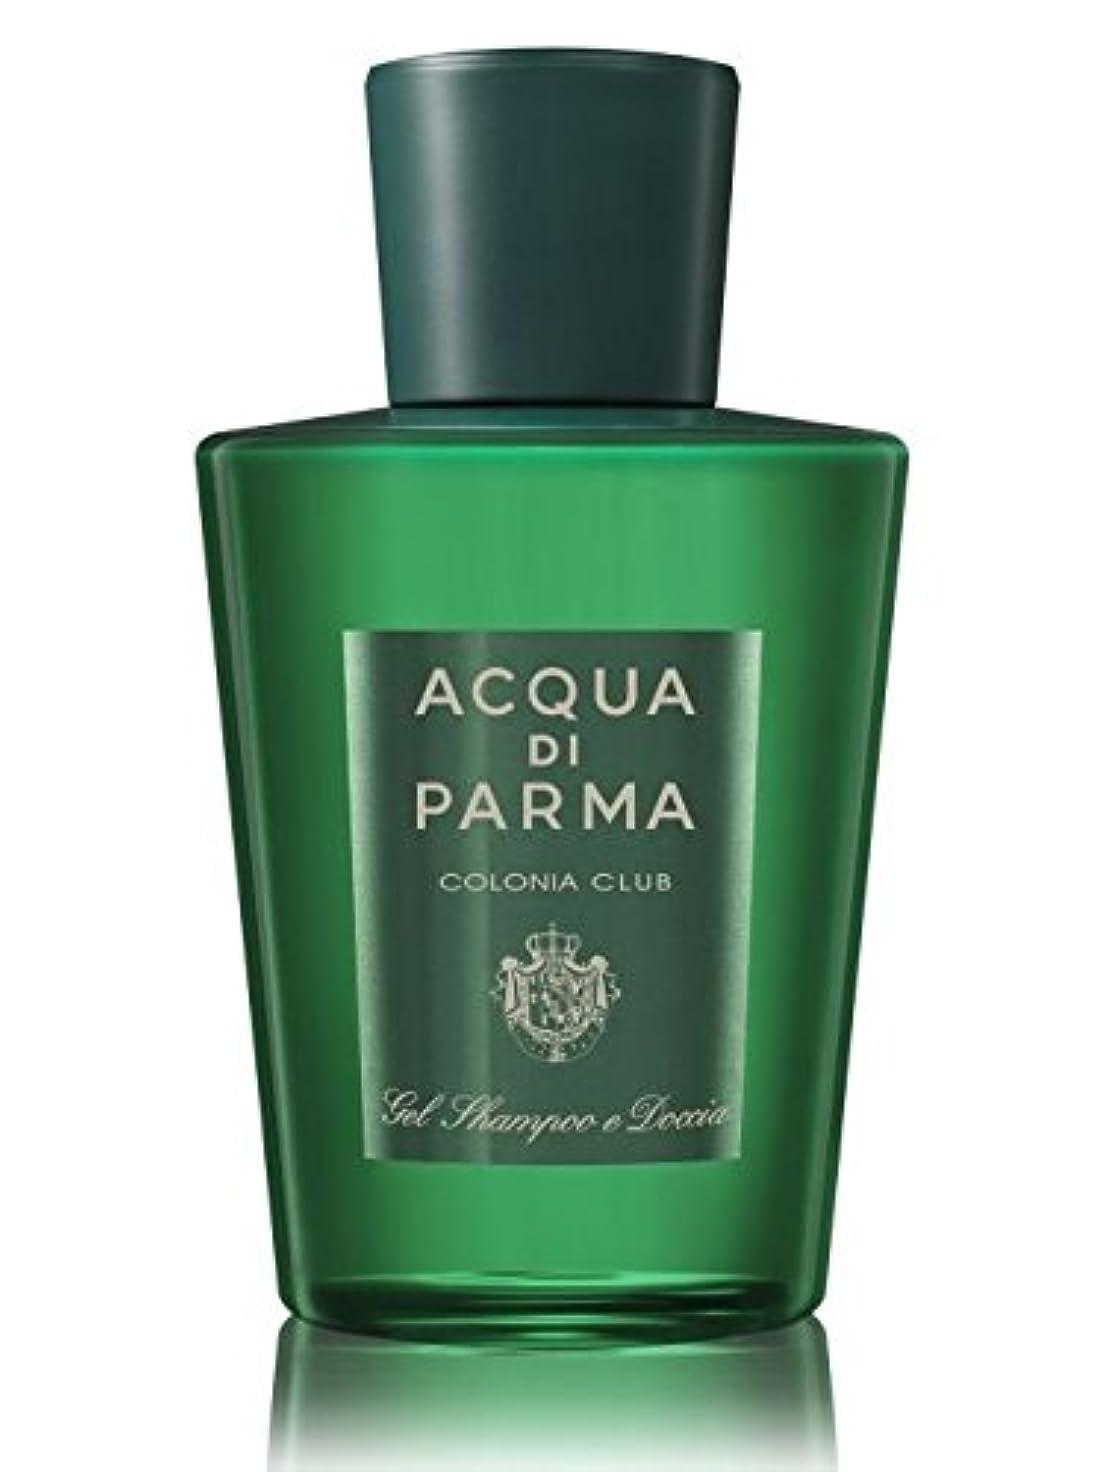 くちばし卵ライラックAcqua di Parma Colonia Club (アクア ディ パルマ コロニア クラブ) 6.7 oz (200ml) Hair & Shower Gel